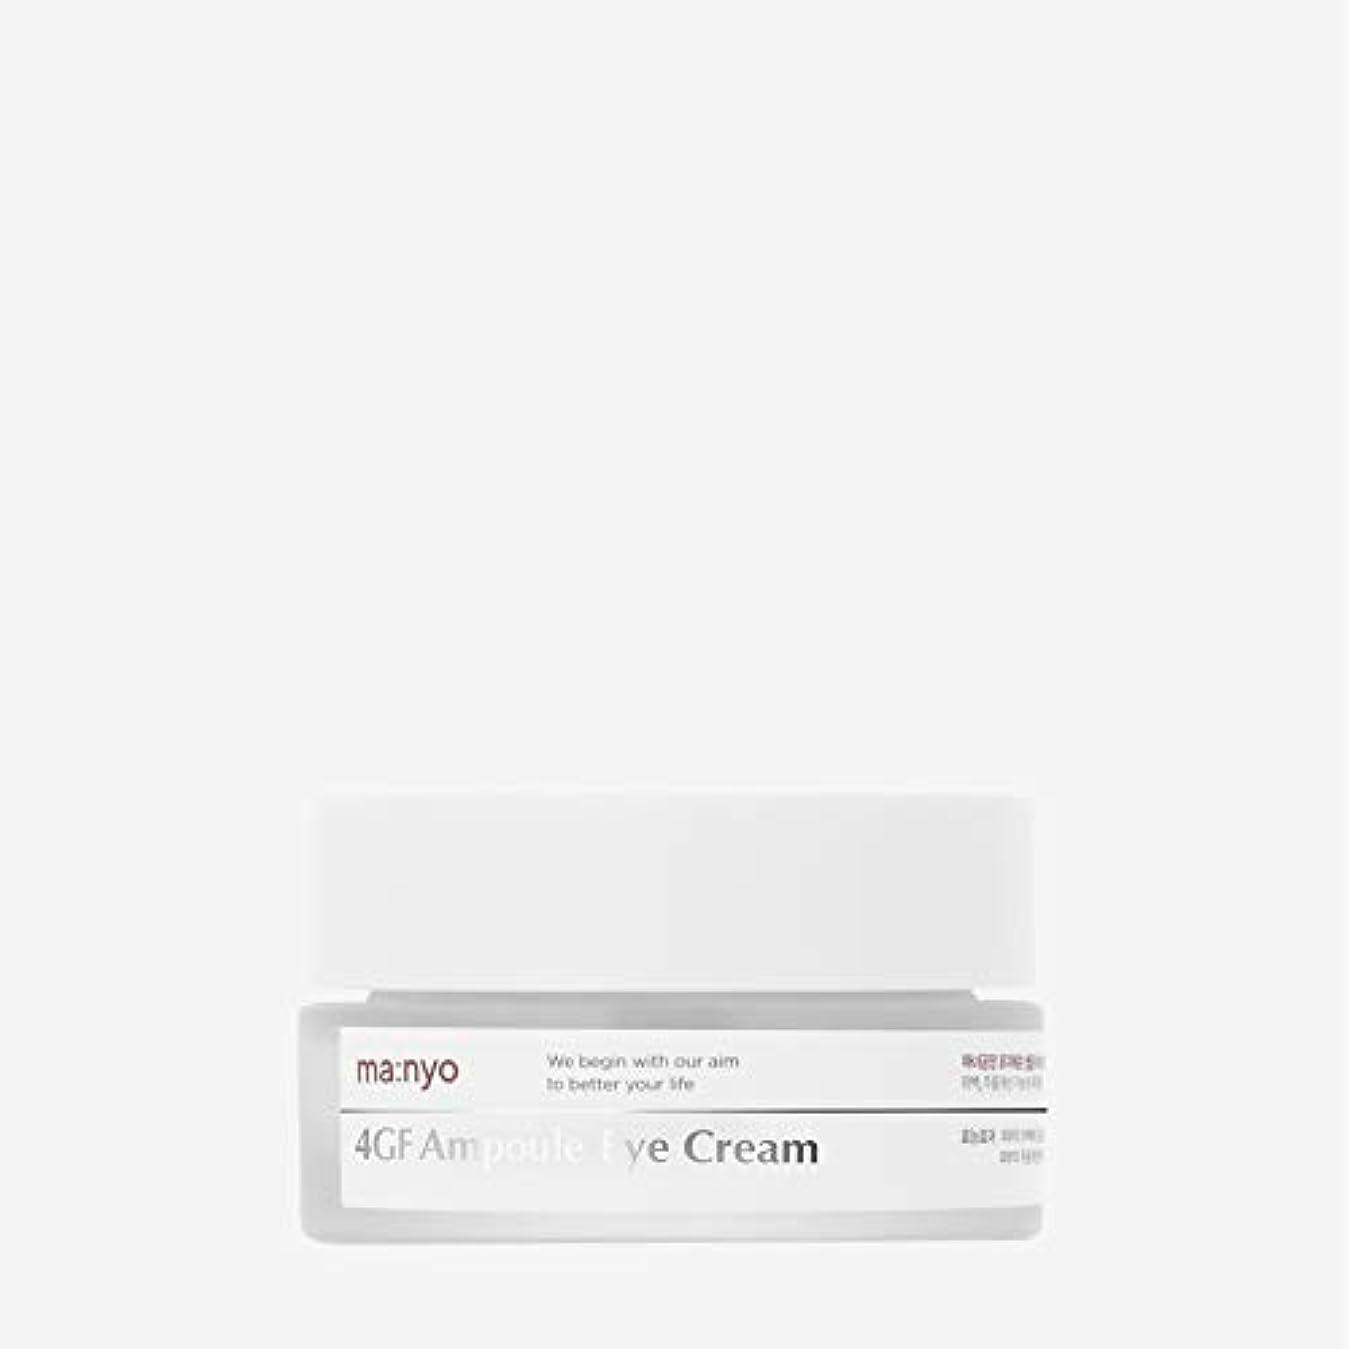 合成豊かな謝罪する魔女工場(Manyo Factory) 4GFアイクリーム 30ml / 死ぬまでに1度は塗ってみたい、その成分